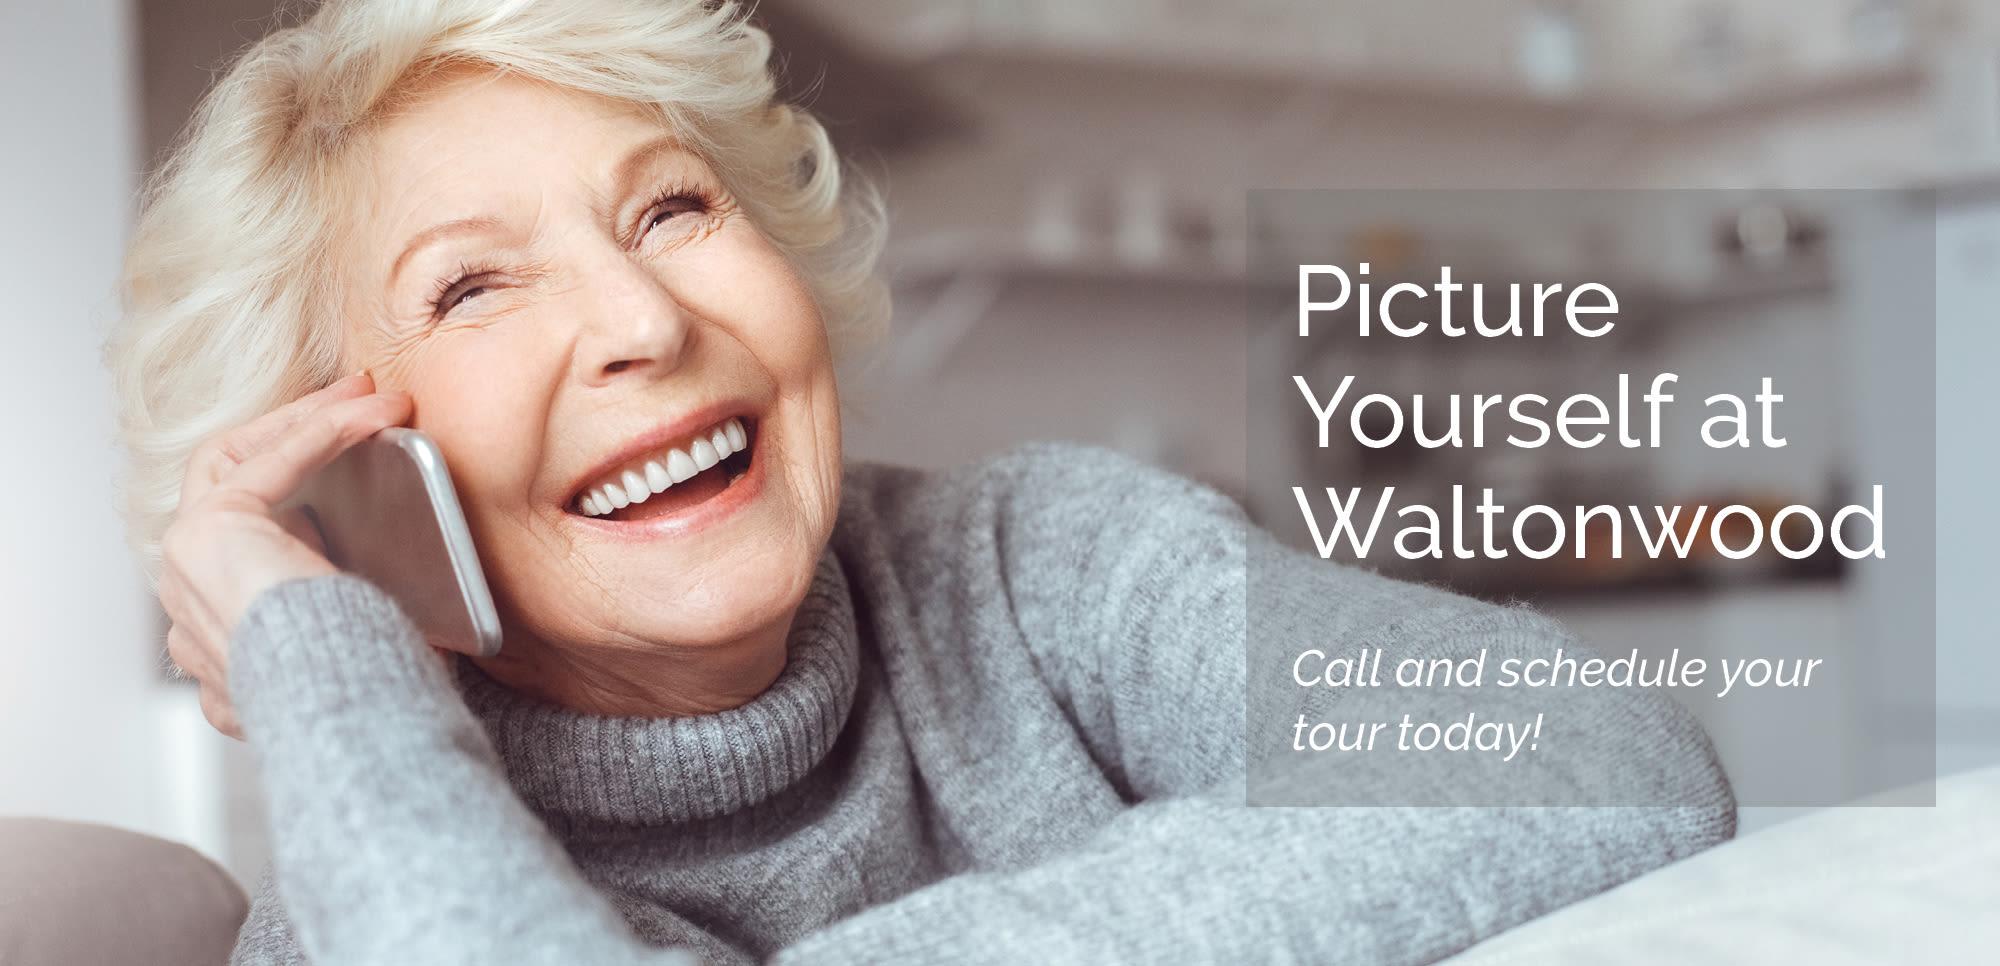 Woman on phone at Waltonwood.